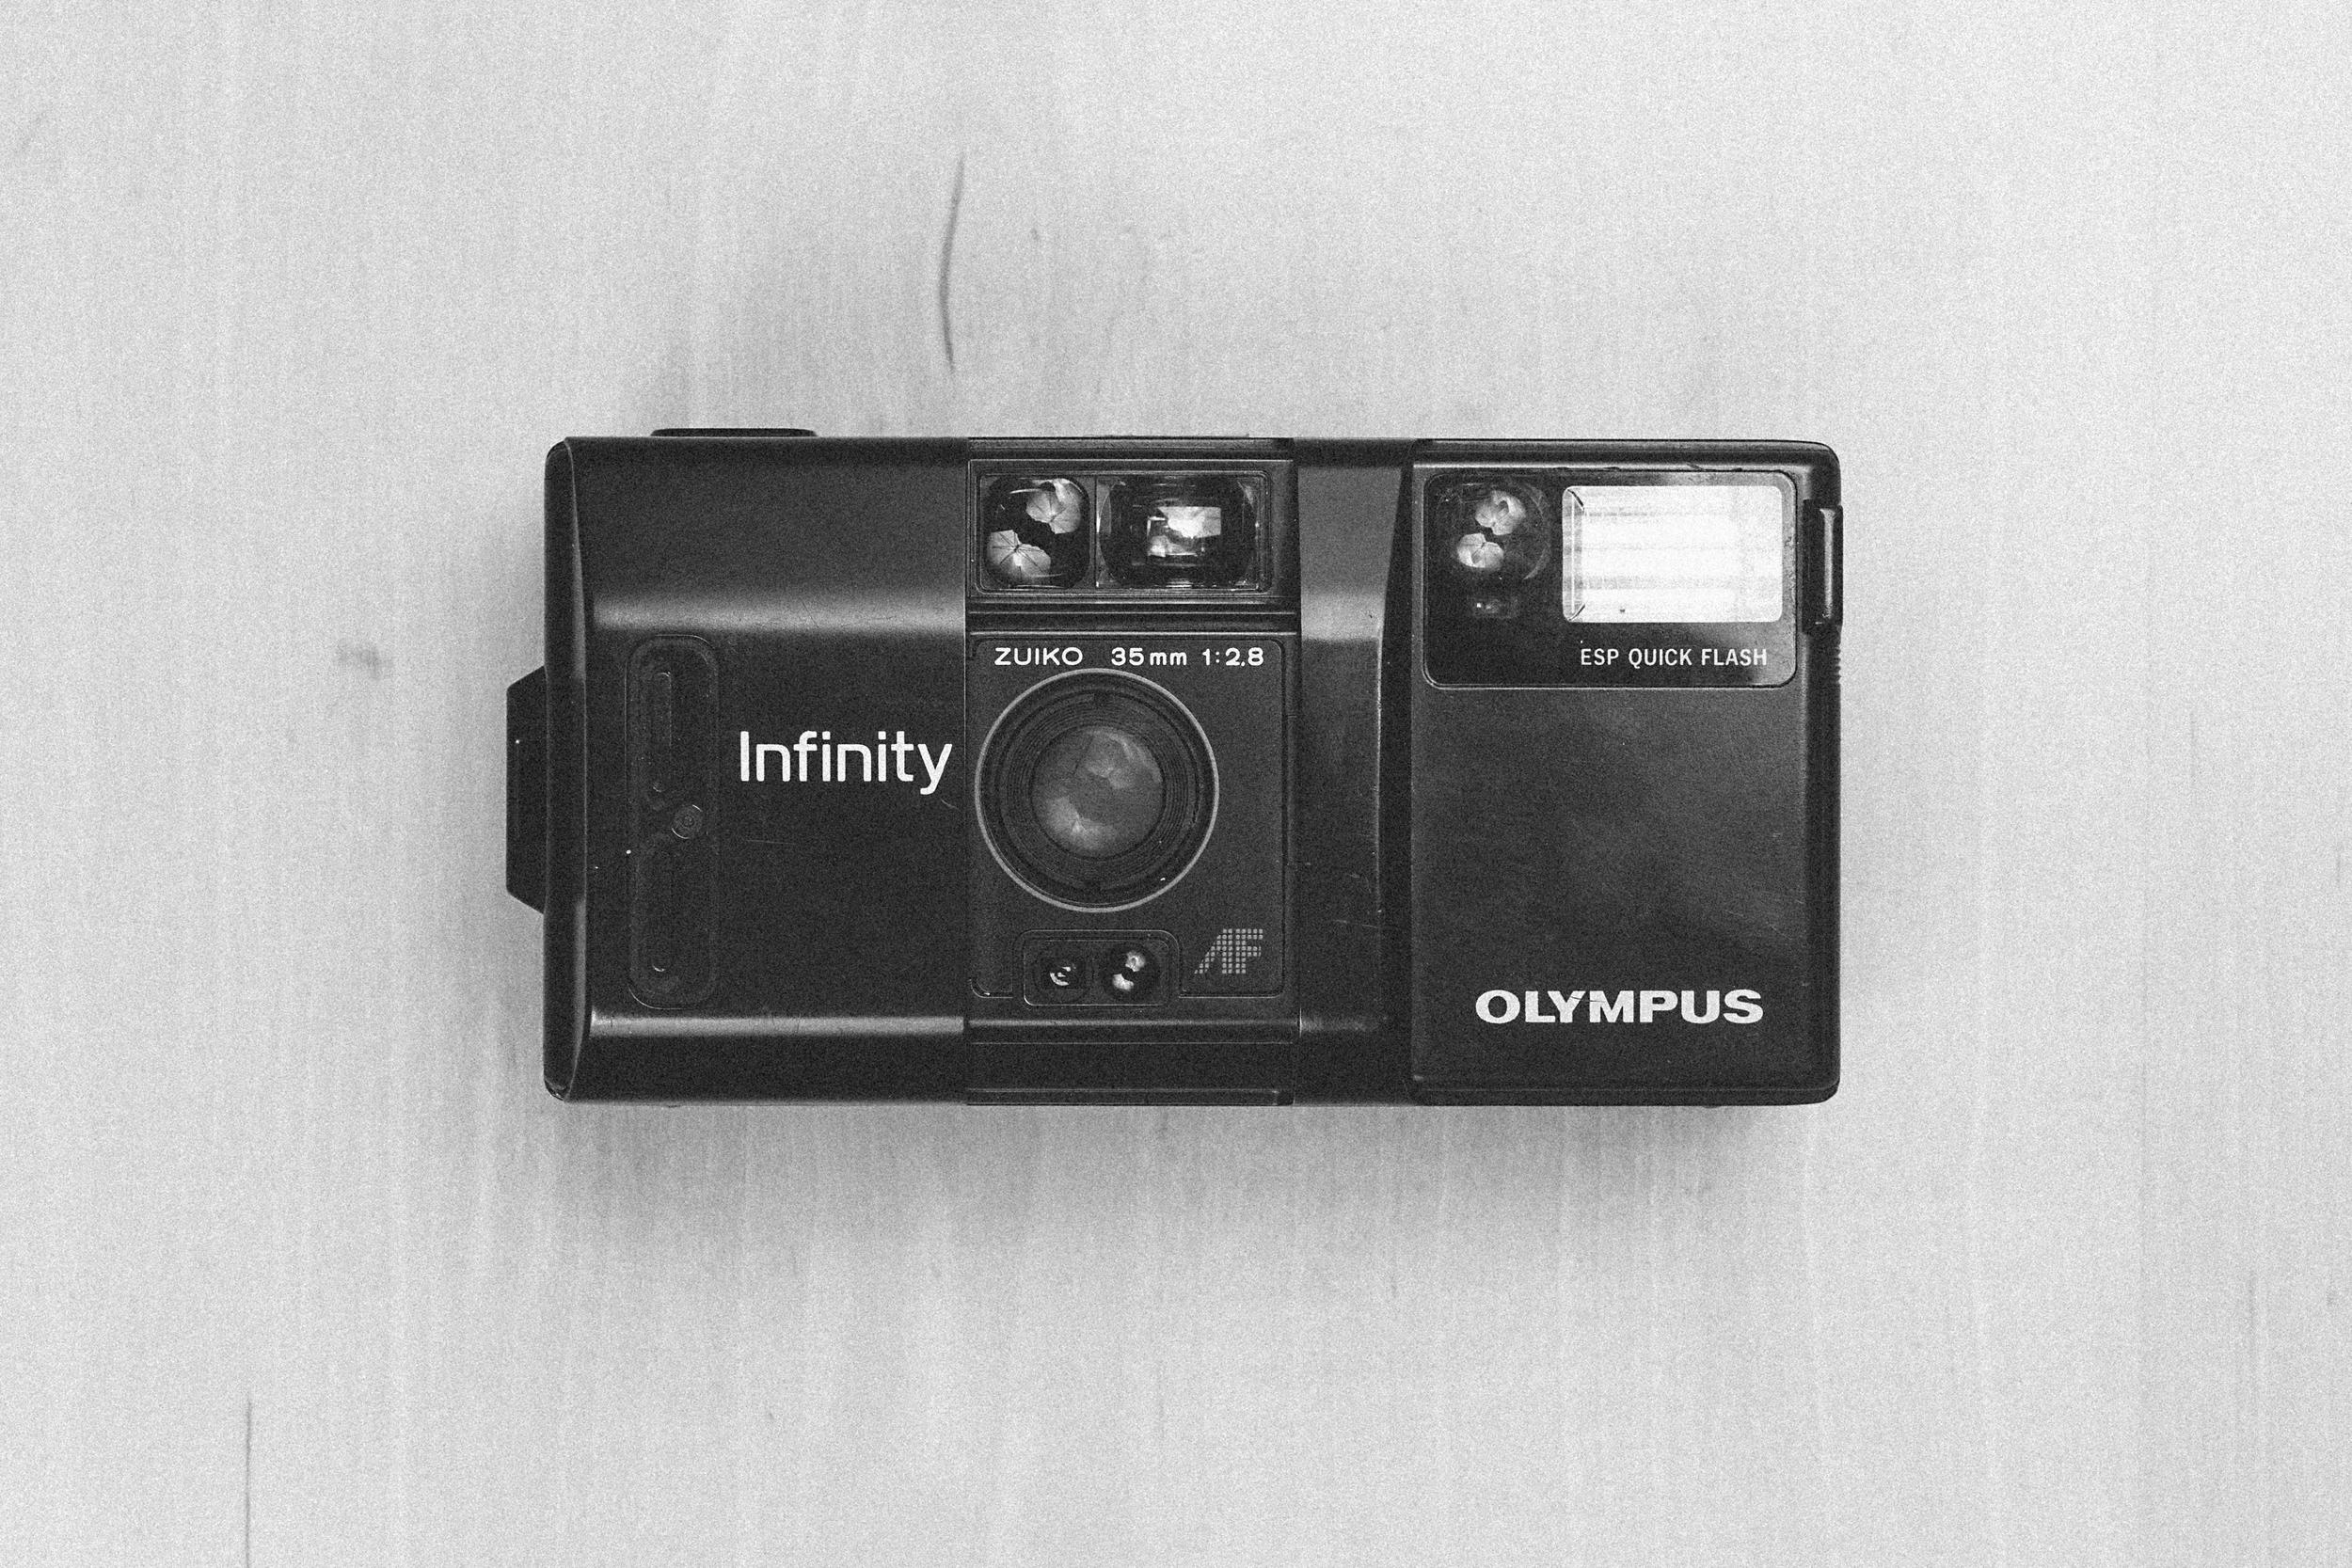 Olympus AF1 (Infinity).jpg